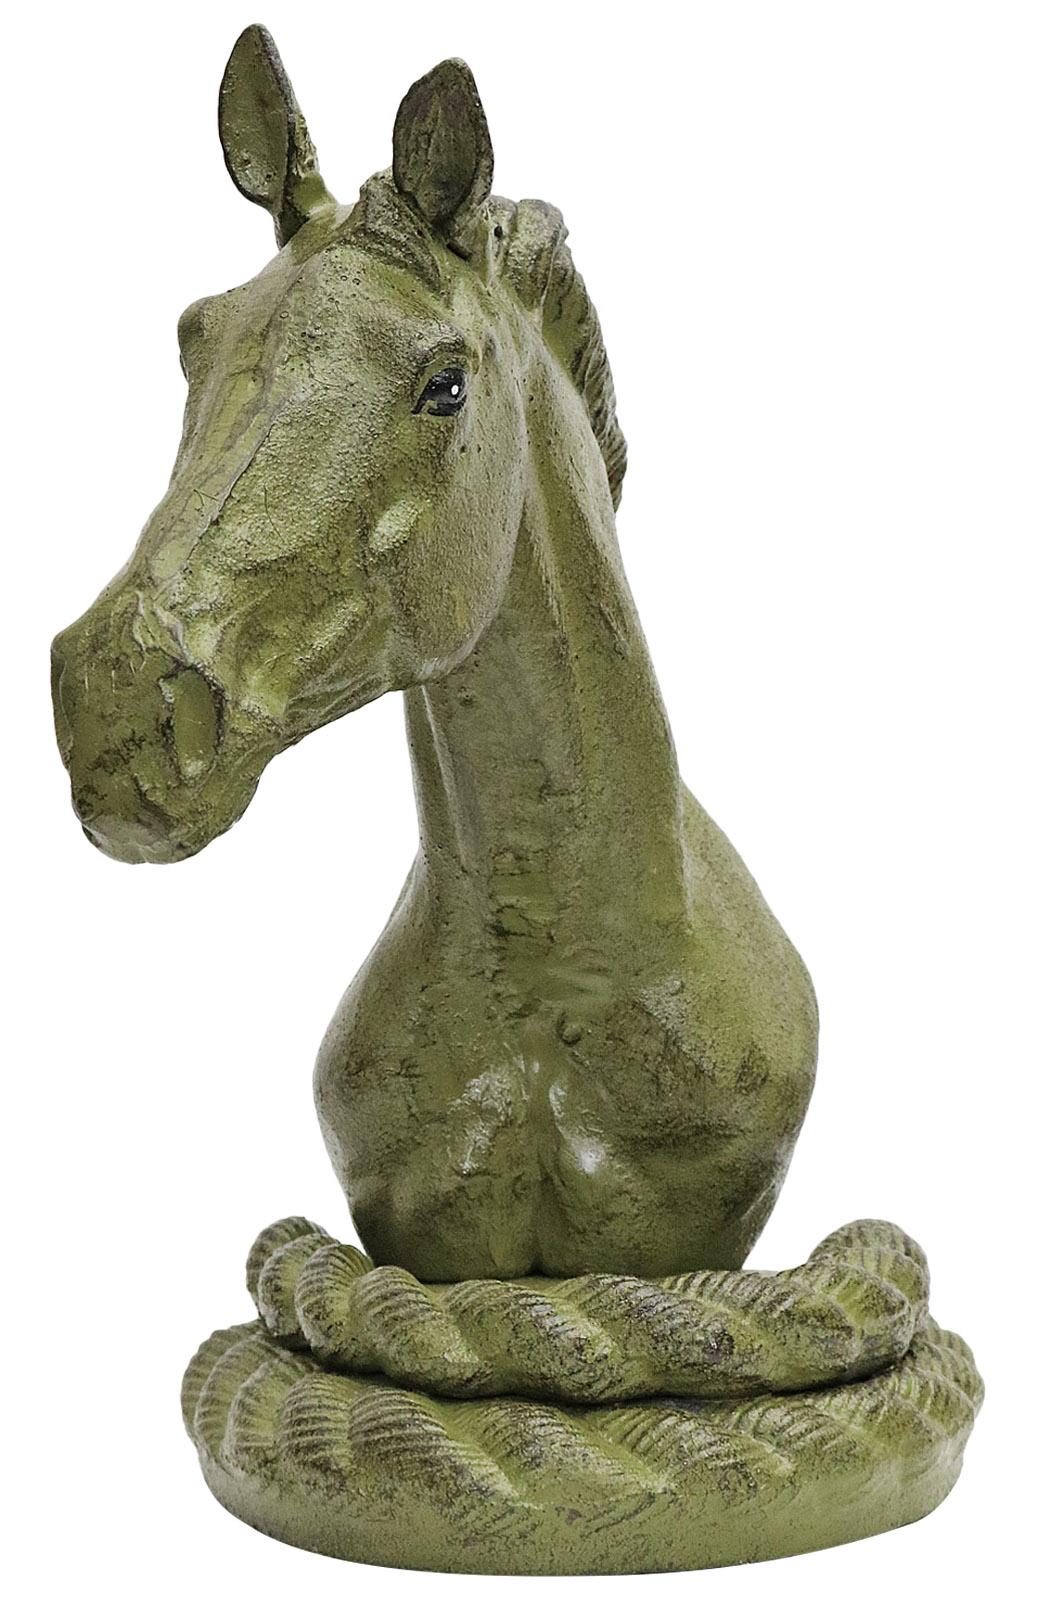 2 Buchstützen Buchständer Pferd Statue Figur Skulptur Eisen 24,5cm Antik-Stil